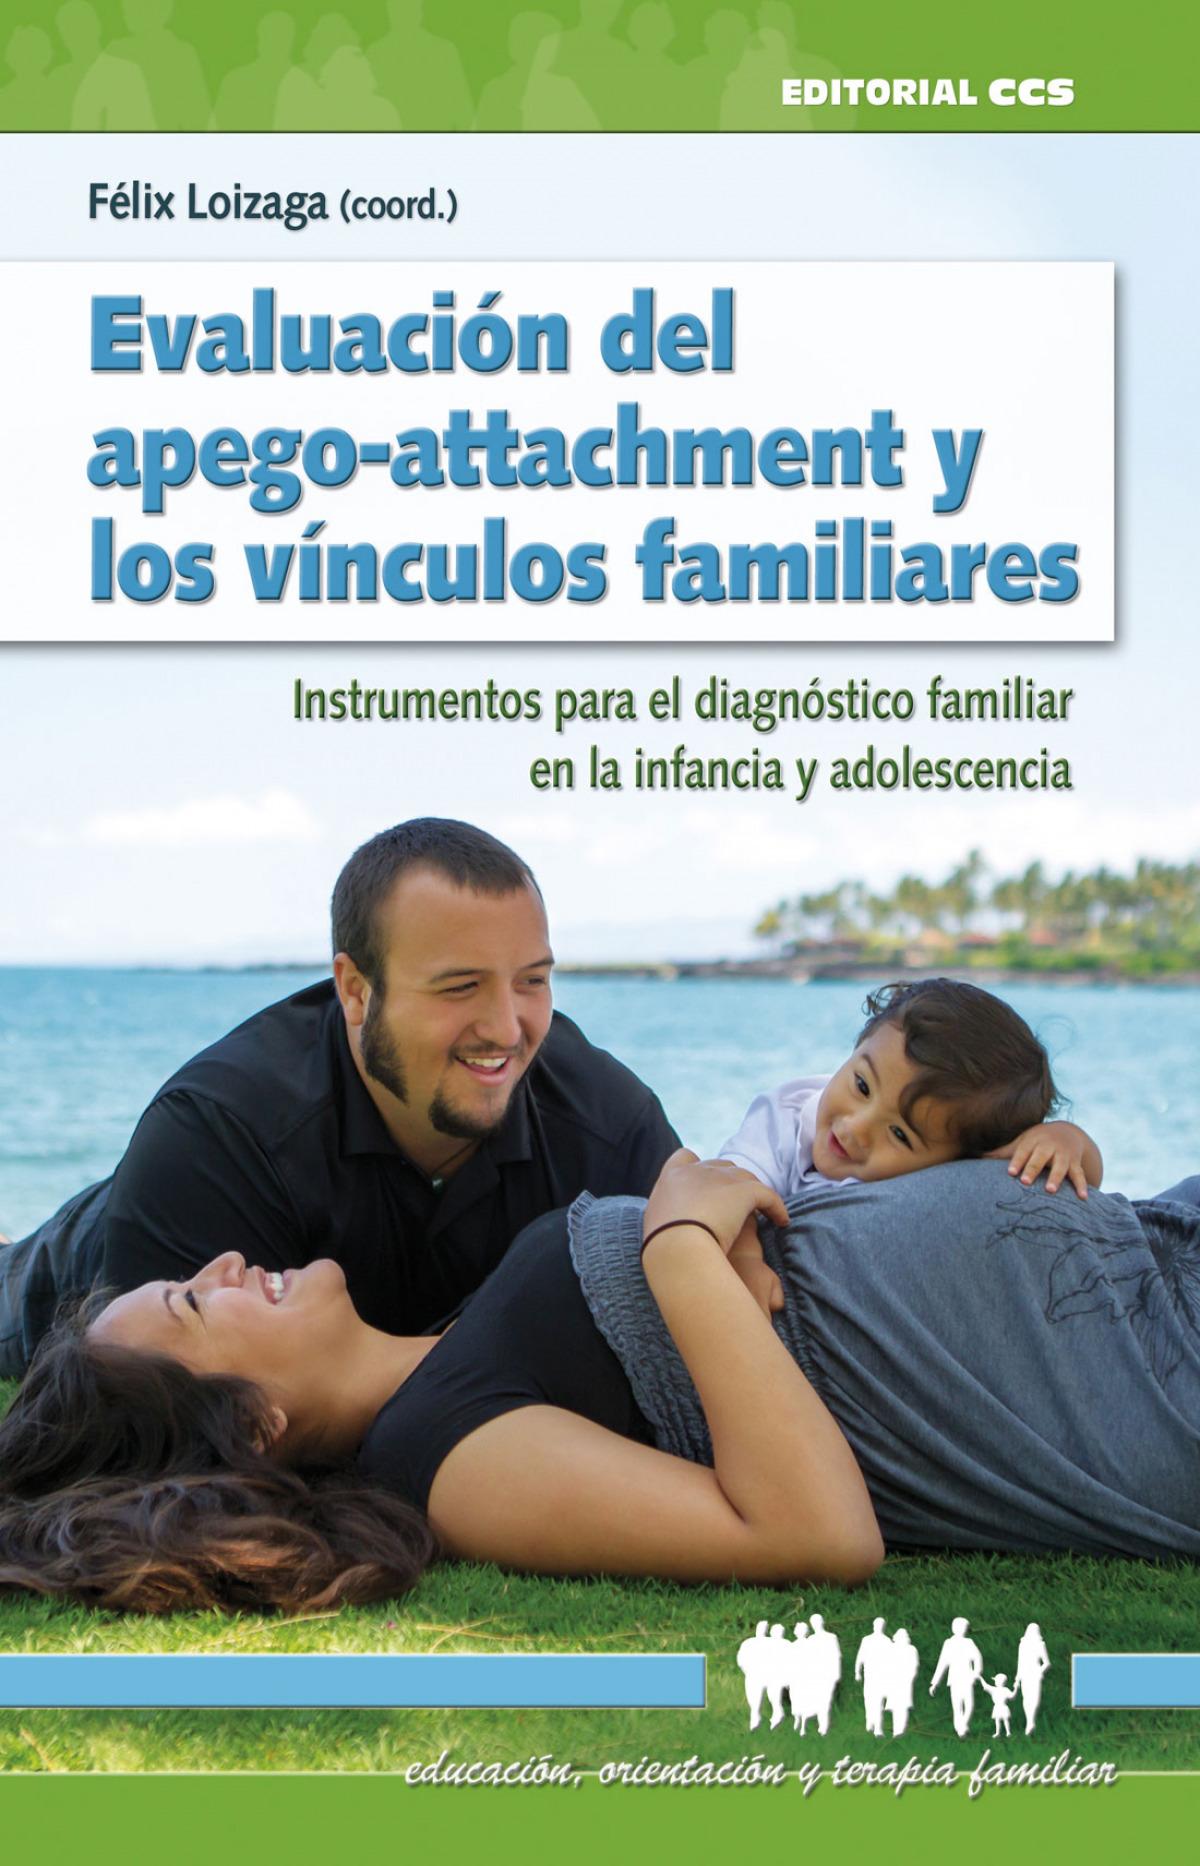 EVALUACION DEL APEGO-ATTACHMENT Y LOS VINCULOS FAMILIARES